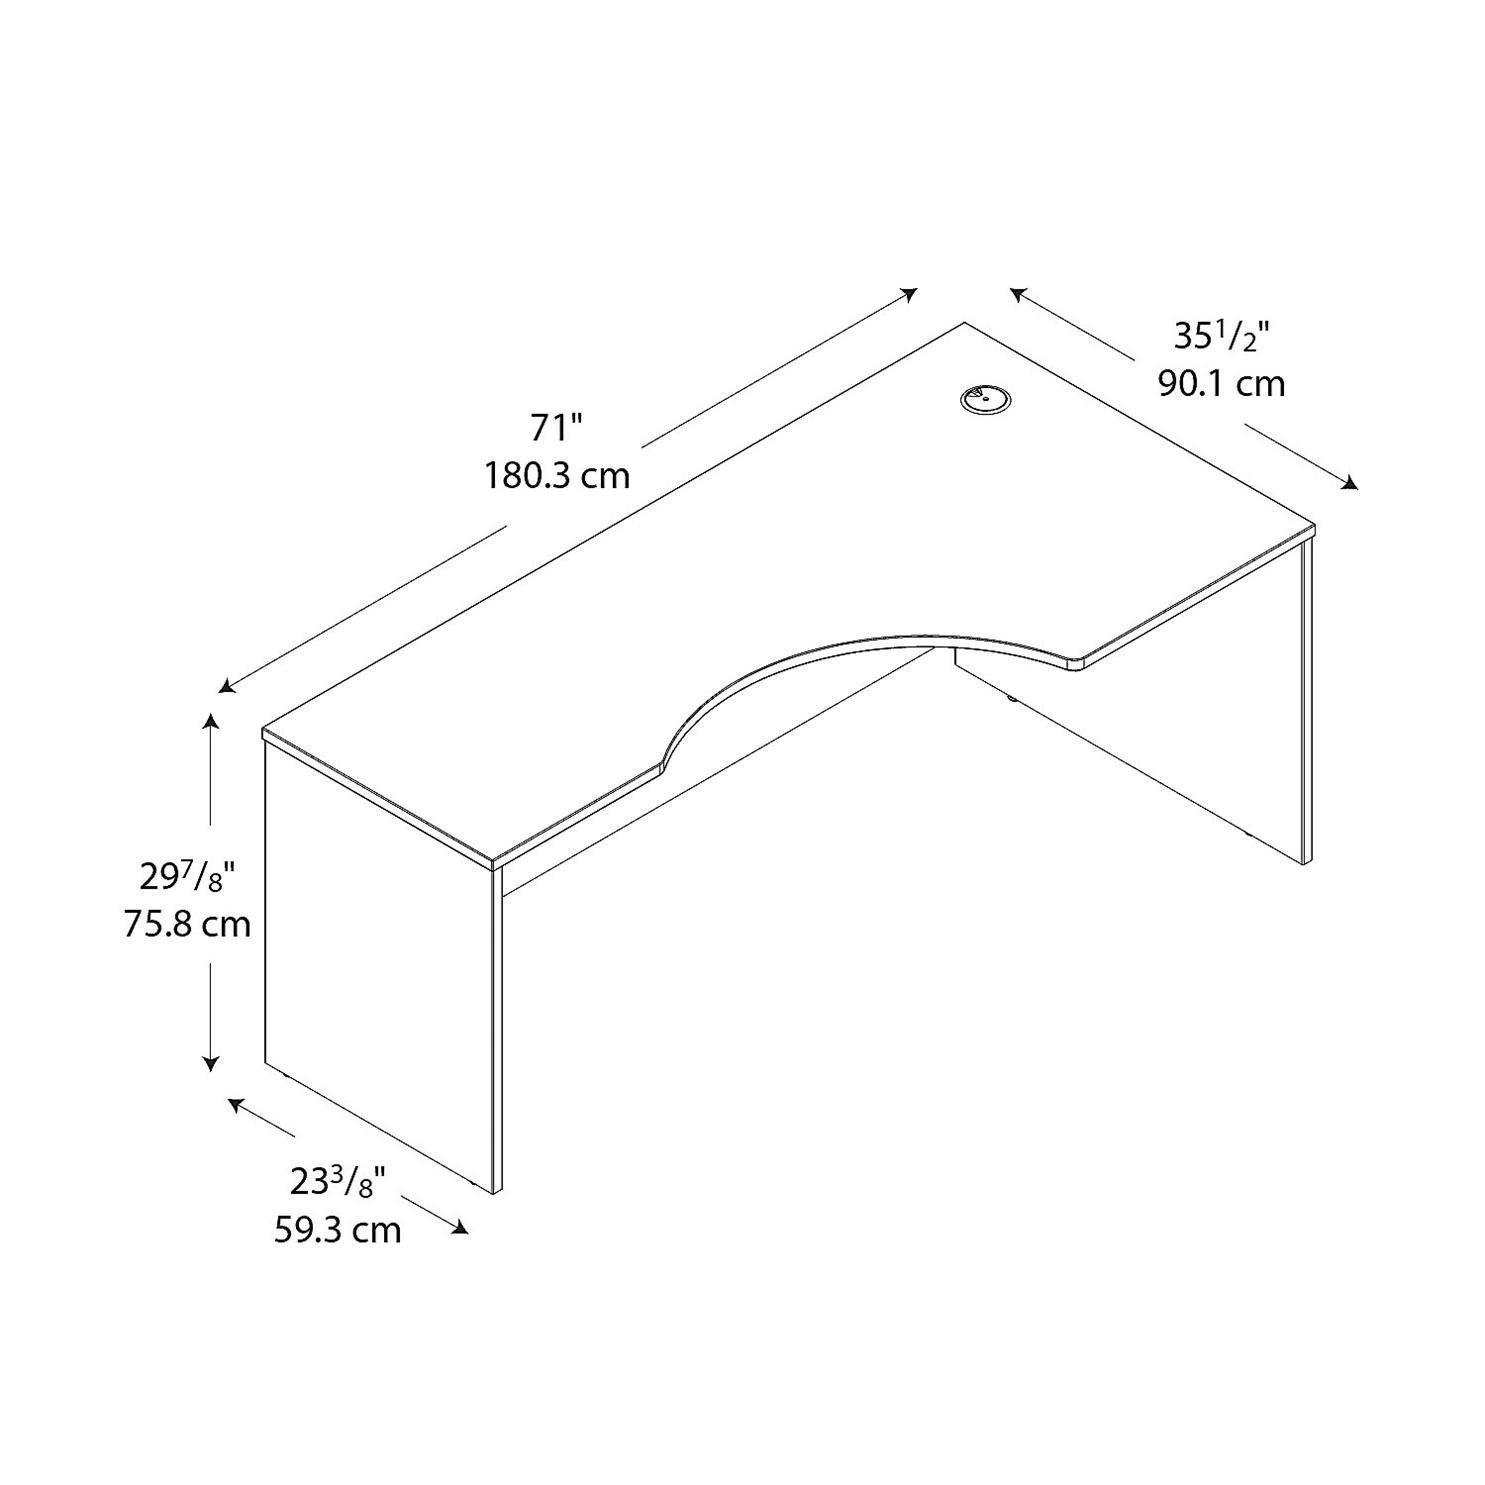 versare's corner desk cubicle space dimensions | new! cubicle